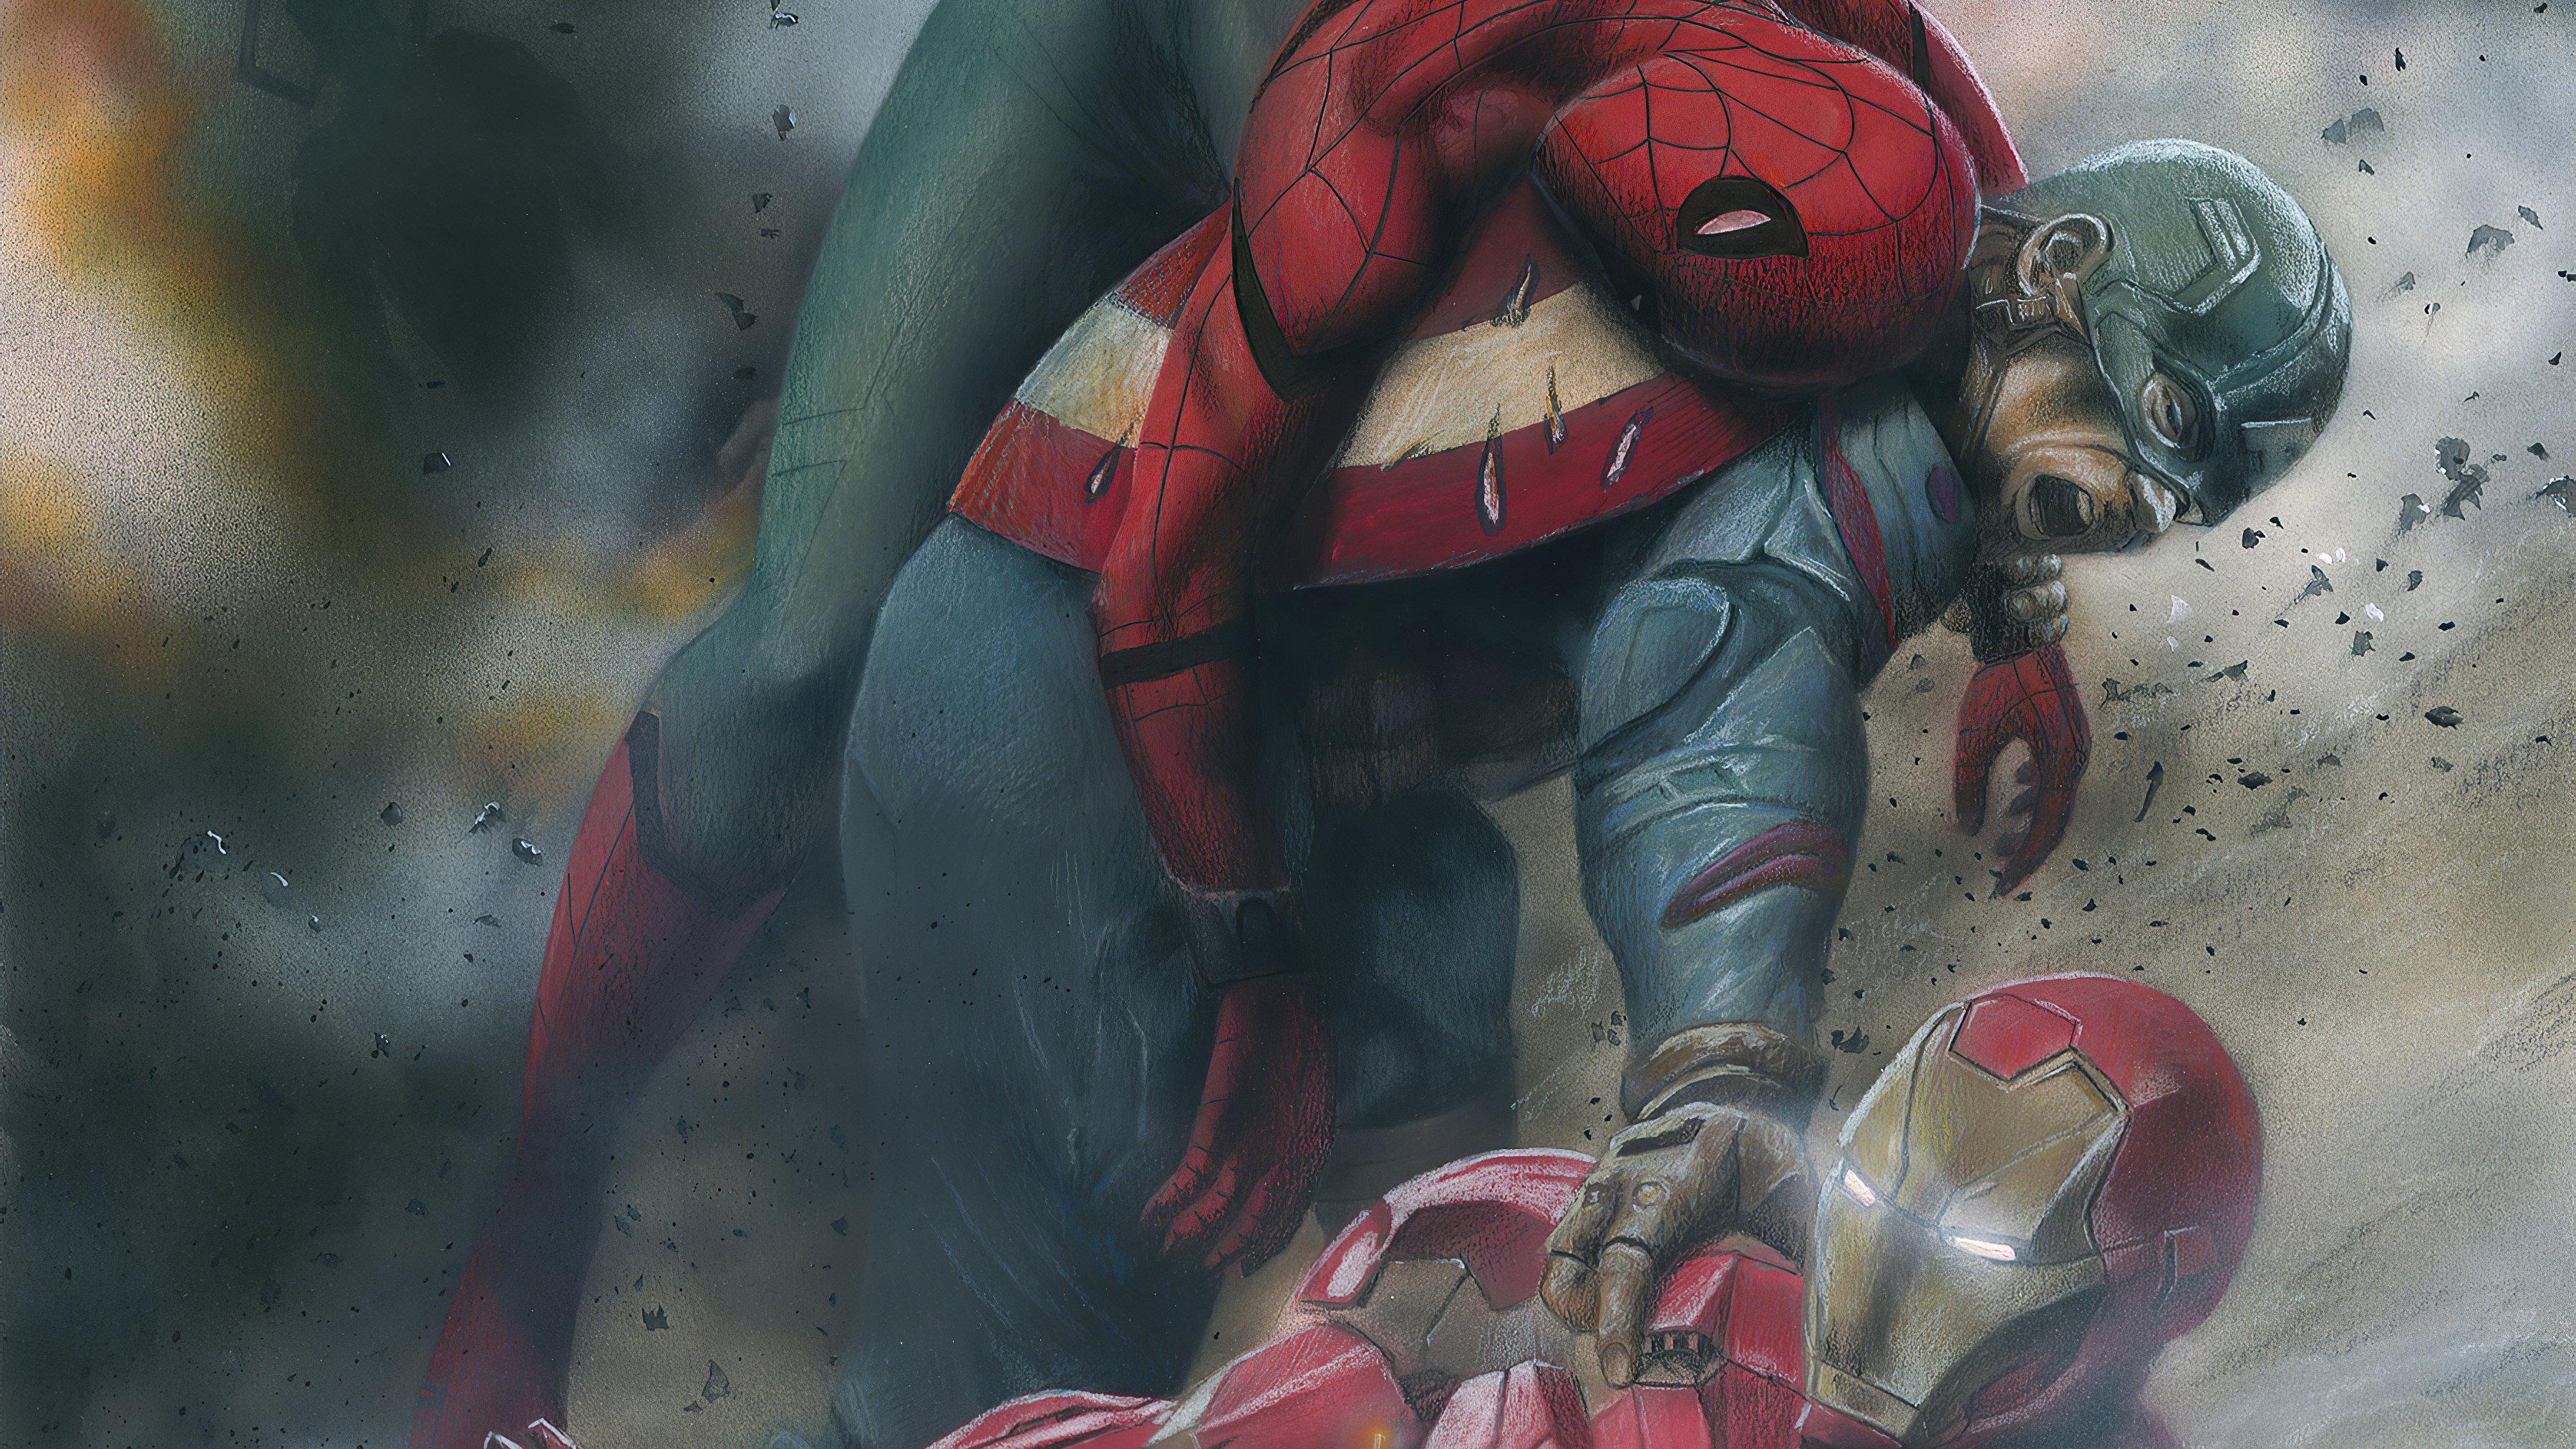 Fondos de pantalla Capitan America, El hombre araña y Iron Man en lucha